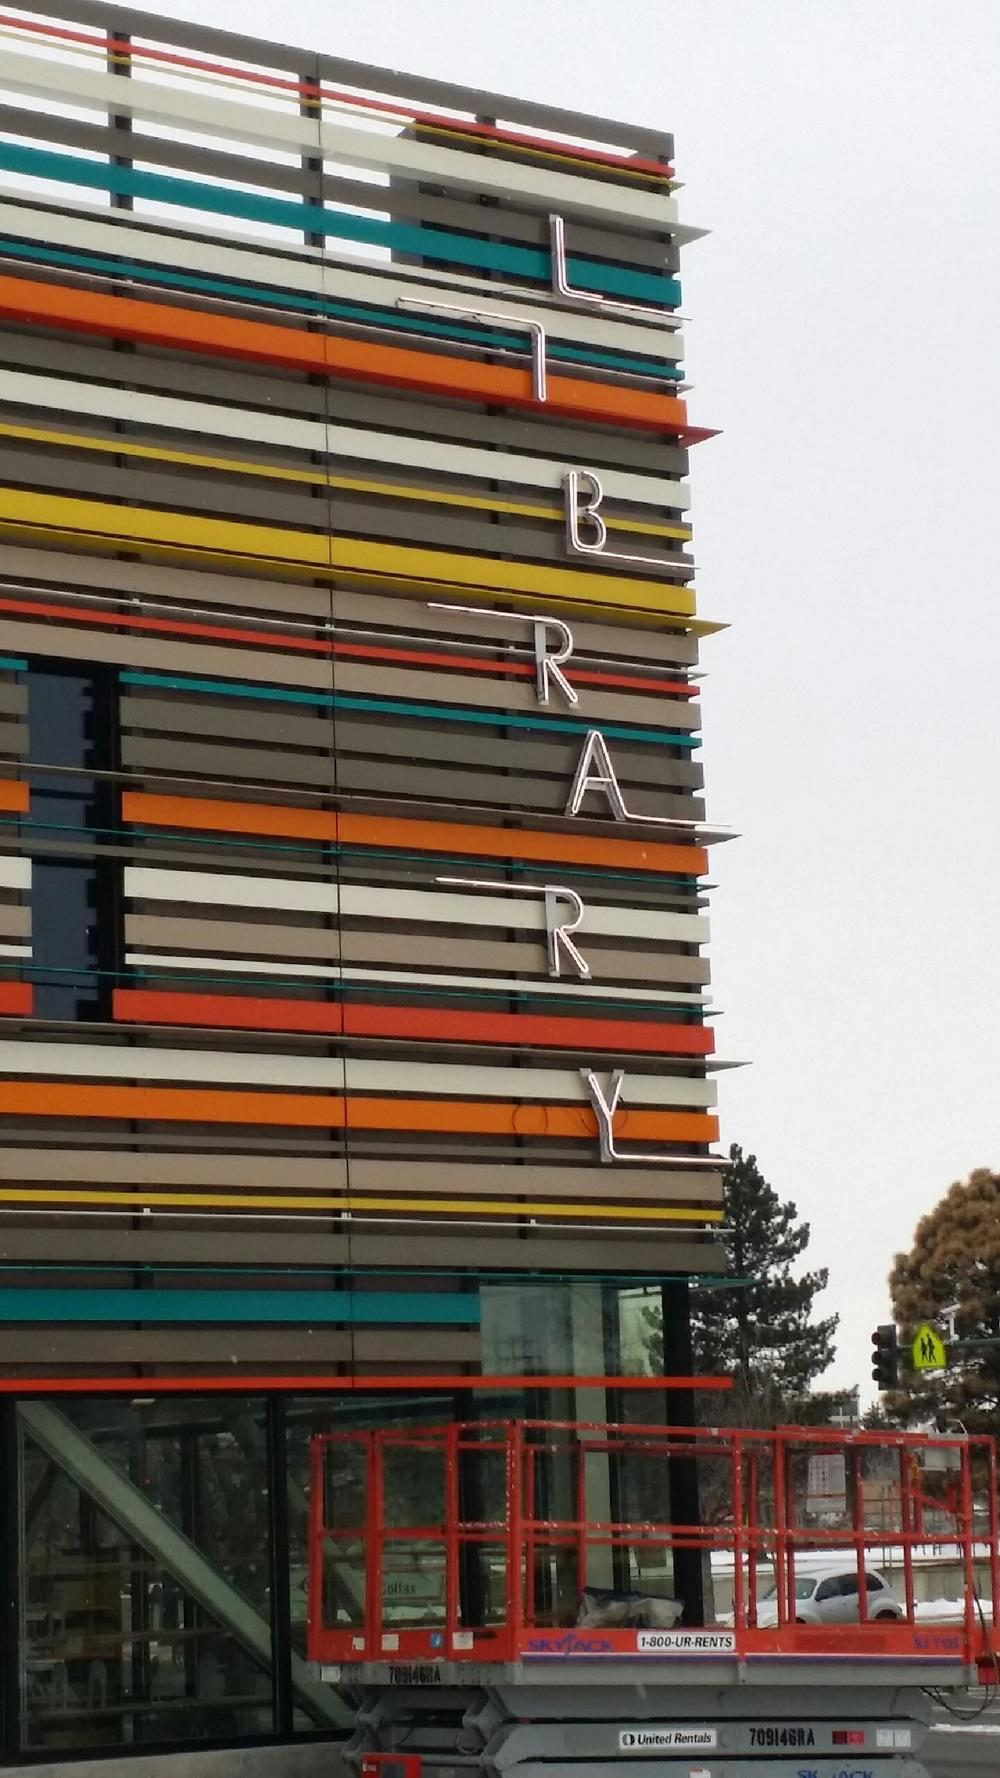 Denver West Library LED sign.jpg